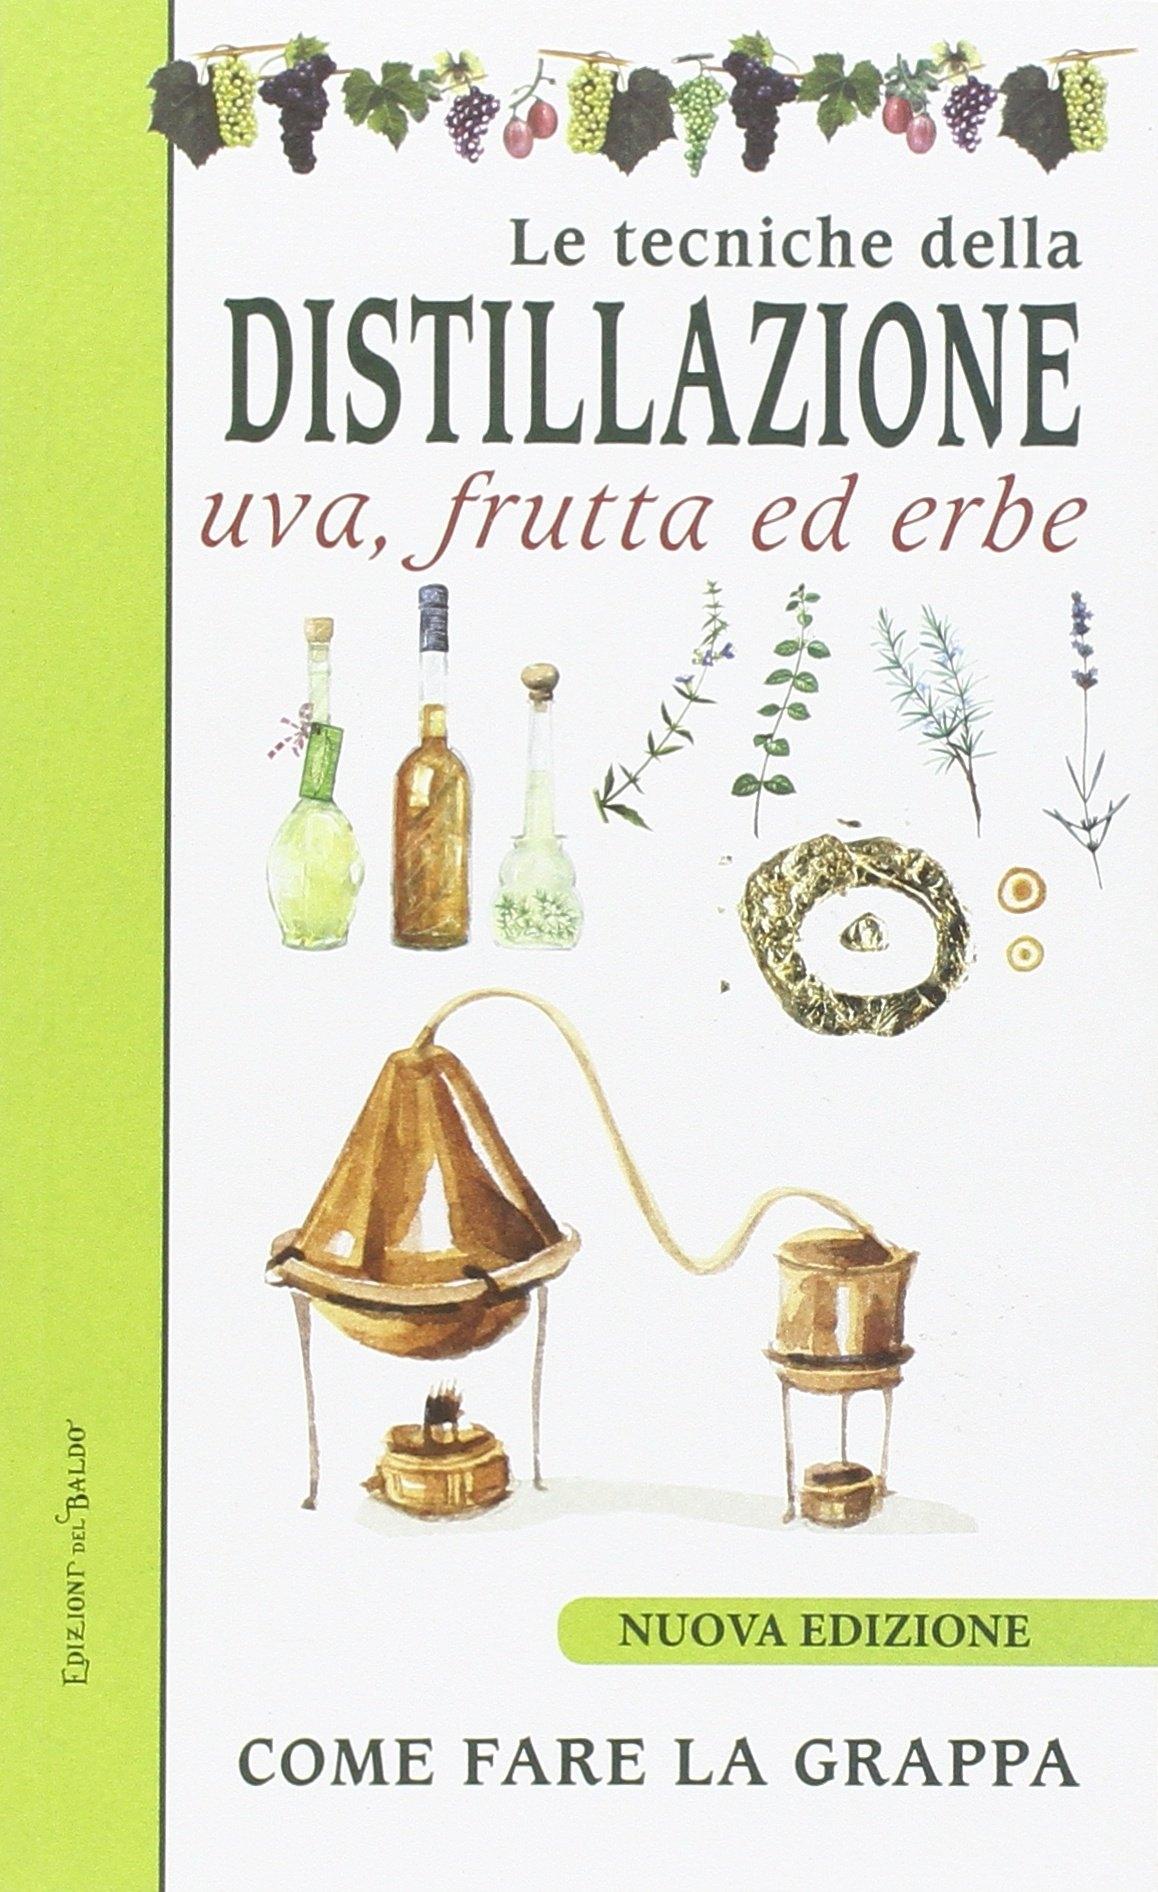 Le tecniche di distillazione. Uva, frutta ed erbe.